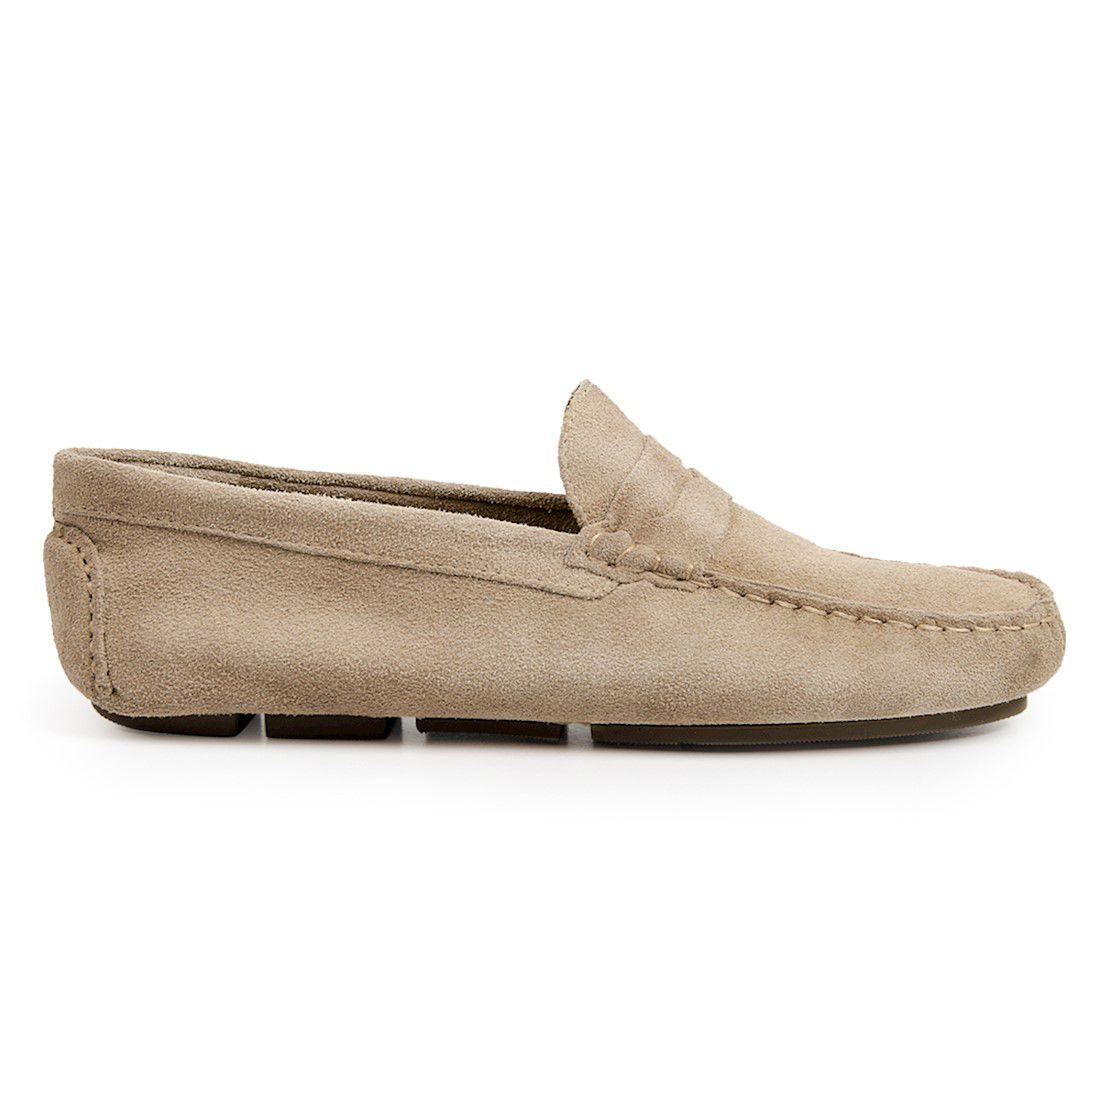 c5232249cb Sapato masculino driver sandro moscoloni pitangueiras bege bege R  189